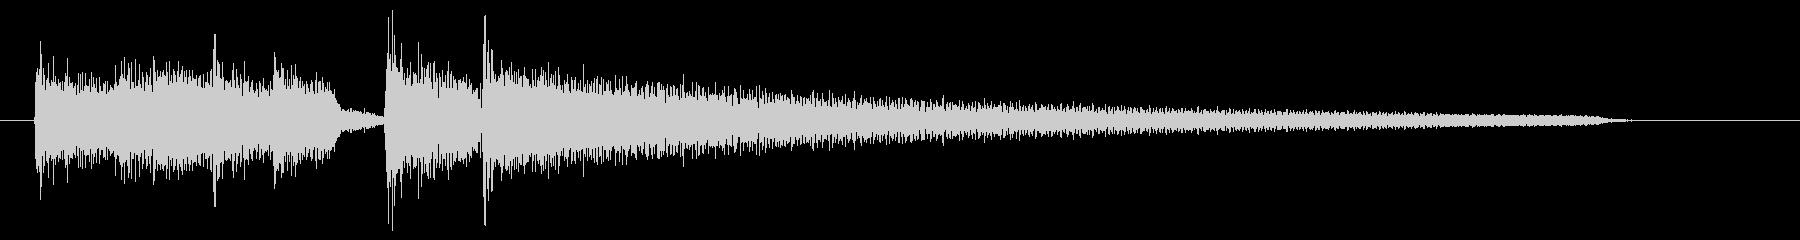 コードカッティングによる場面転換音の未再生の波形